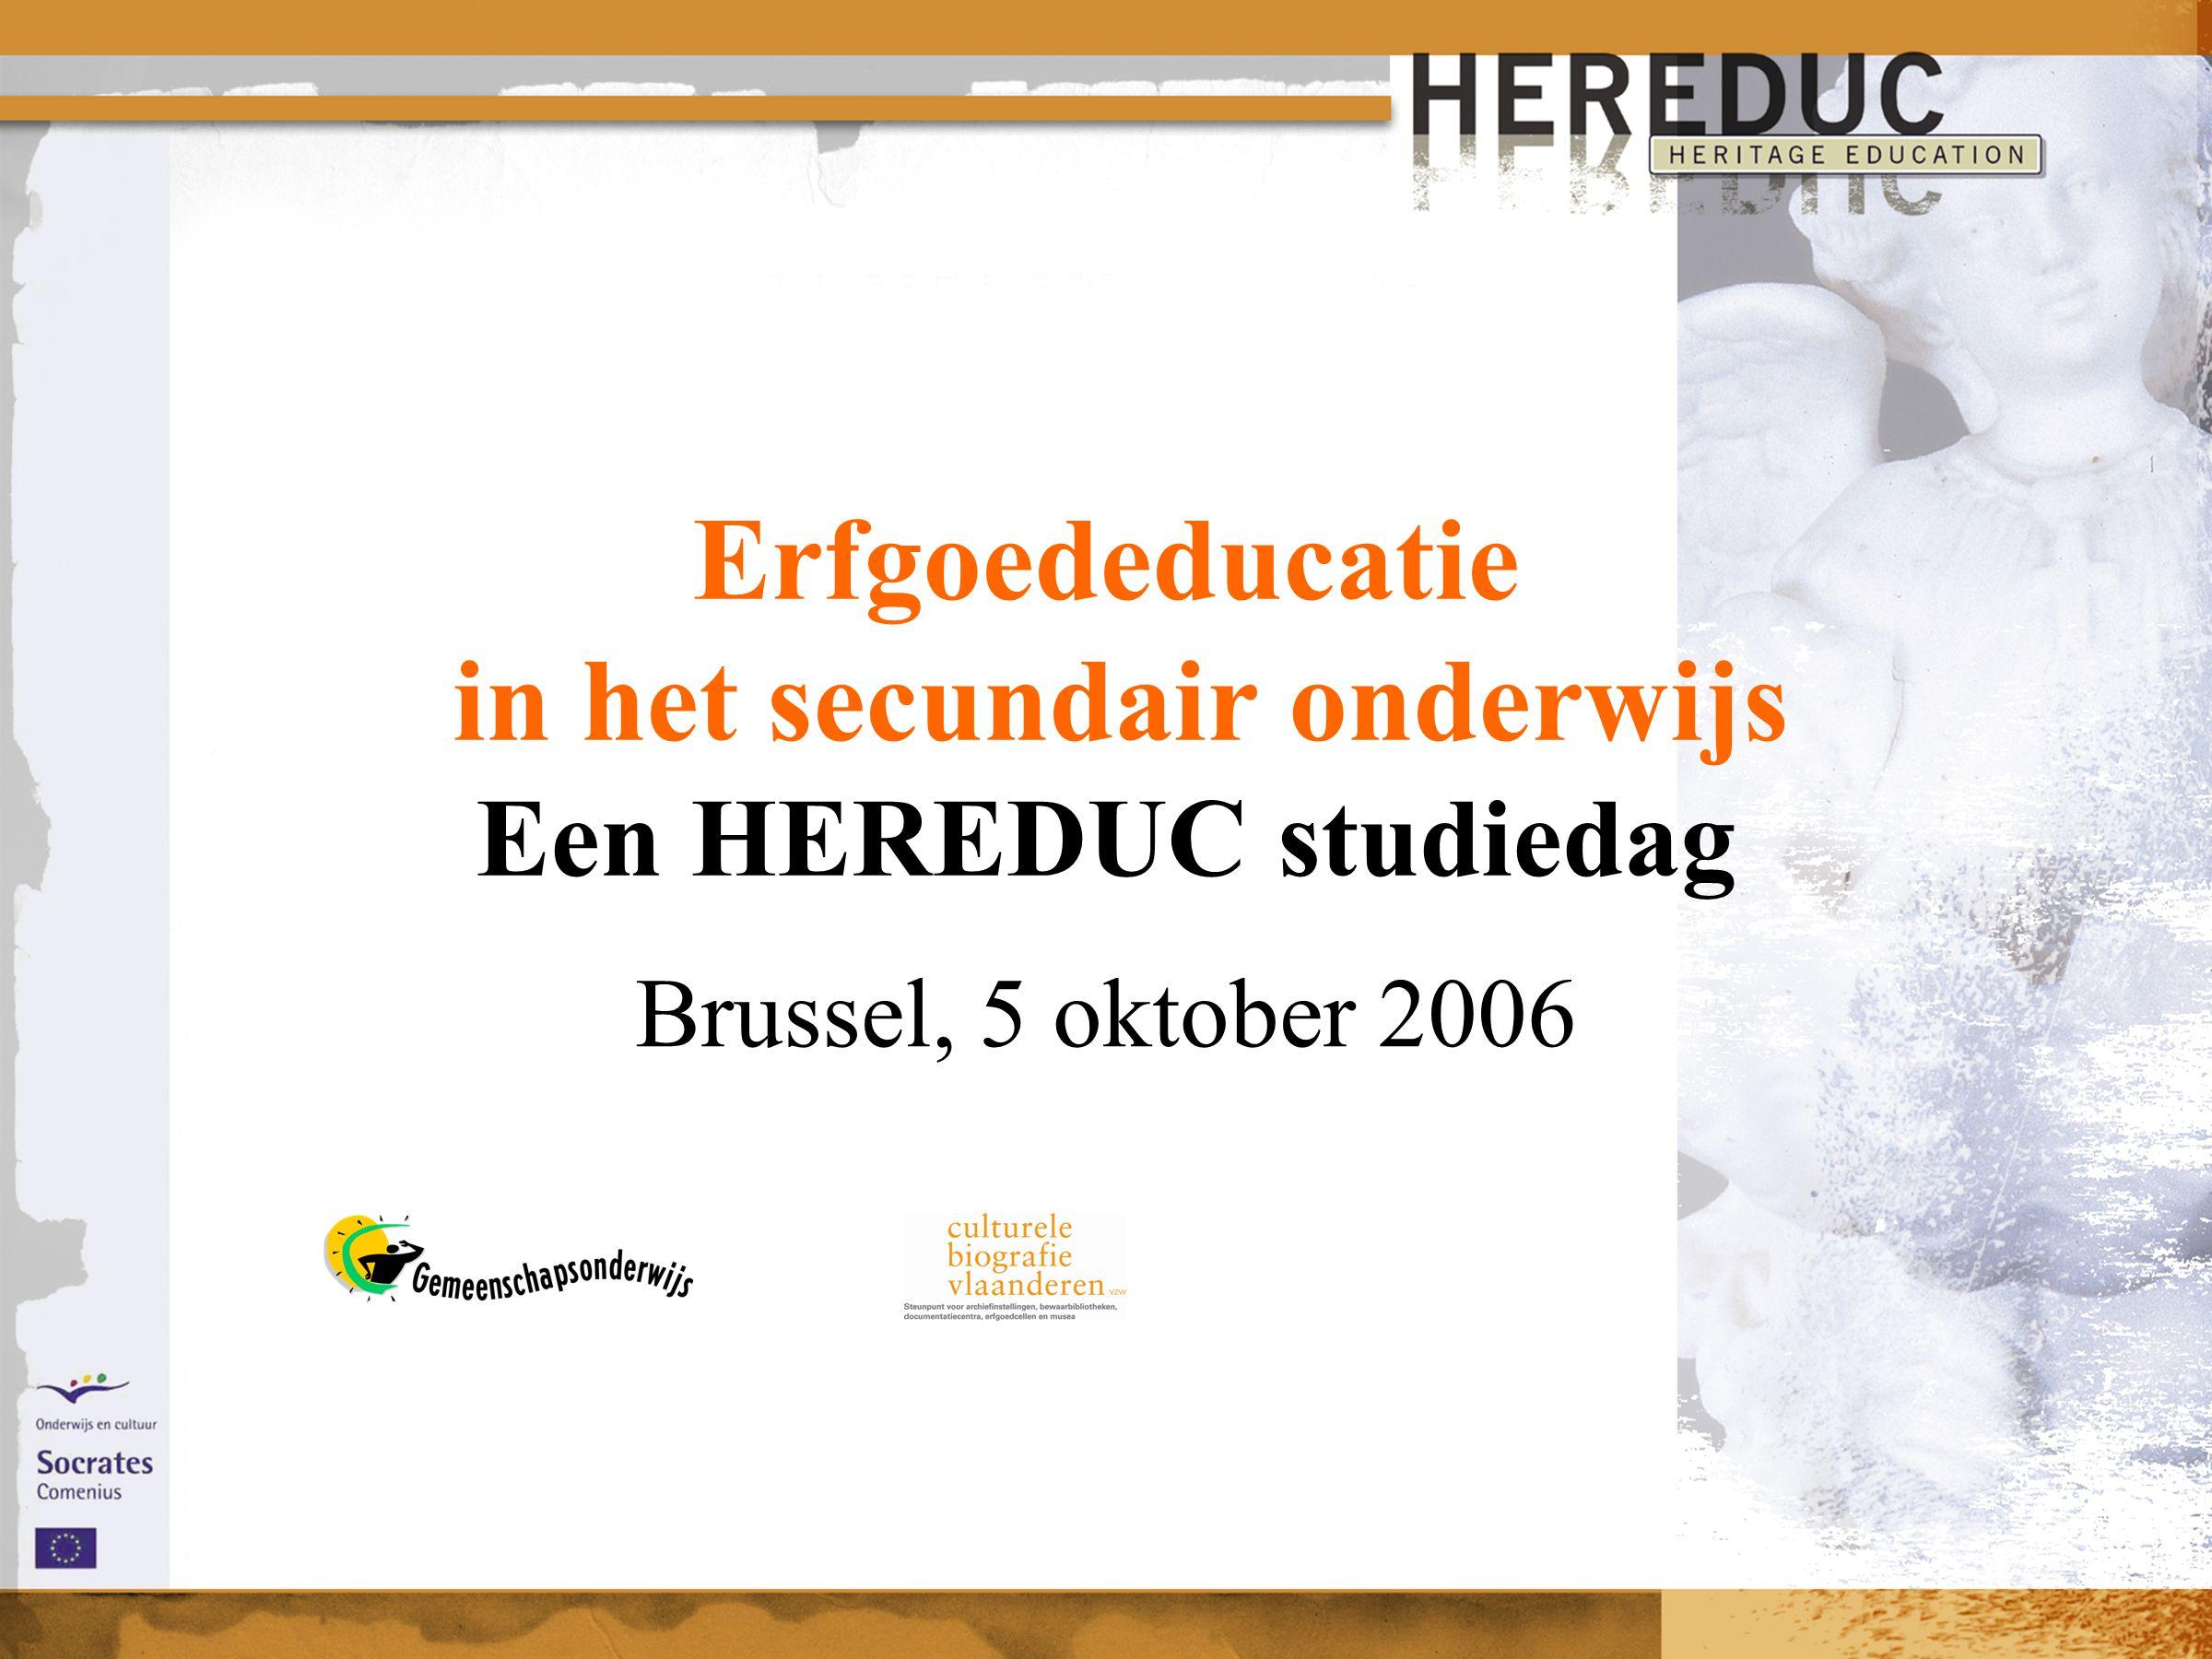 Erfgoededucatie in het secundair onderwijs Een HEREDUC studiedag Brussel, 5 oktober 2006